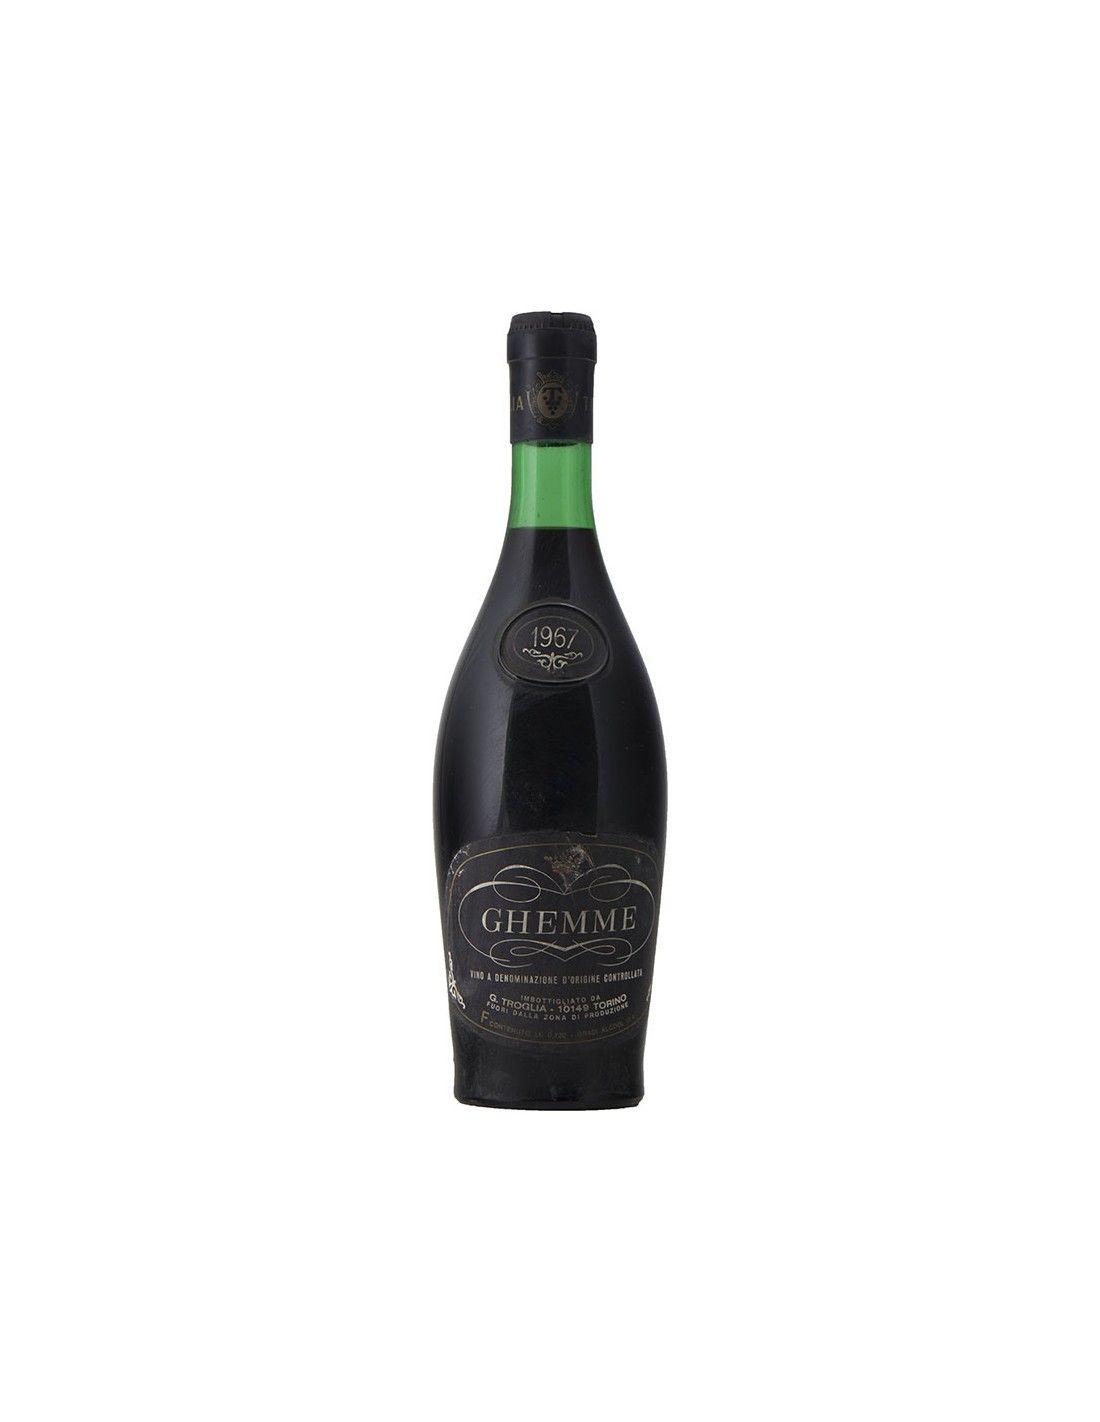 GHEMME 1967 TROGLIA Grandi Bottiglie